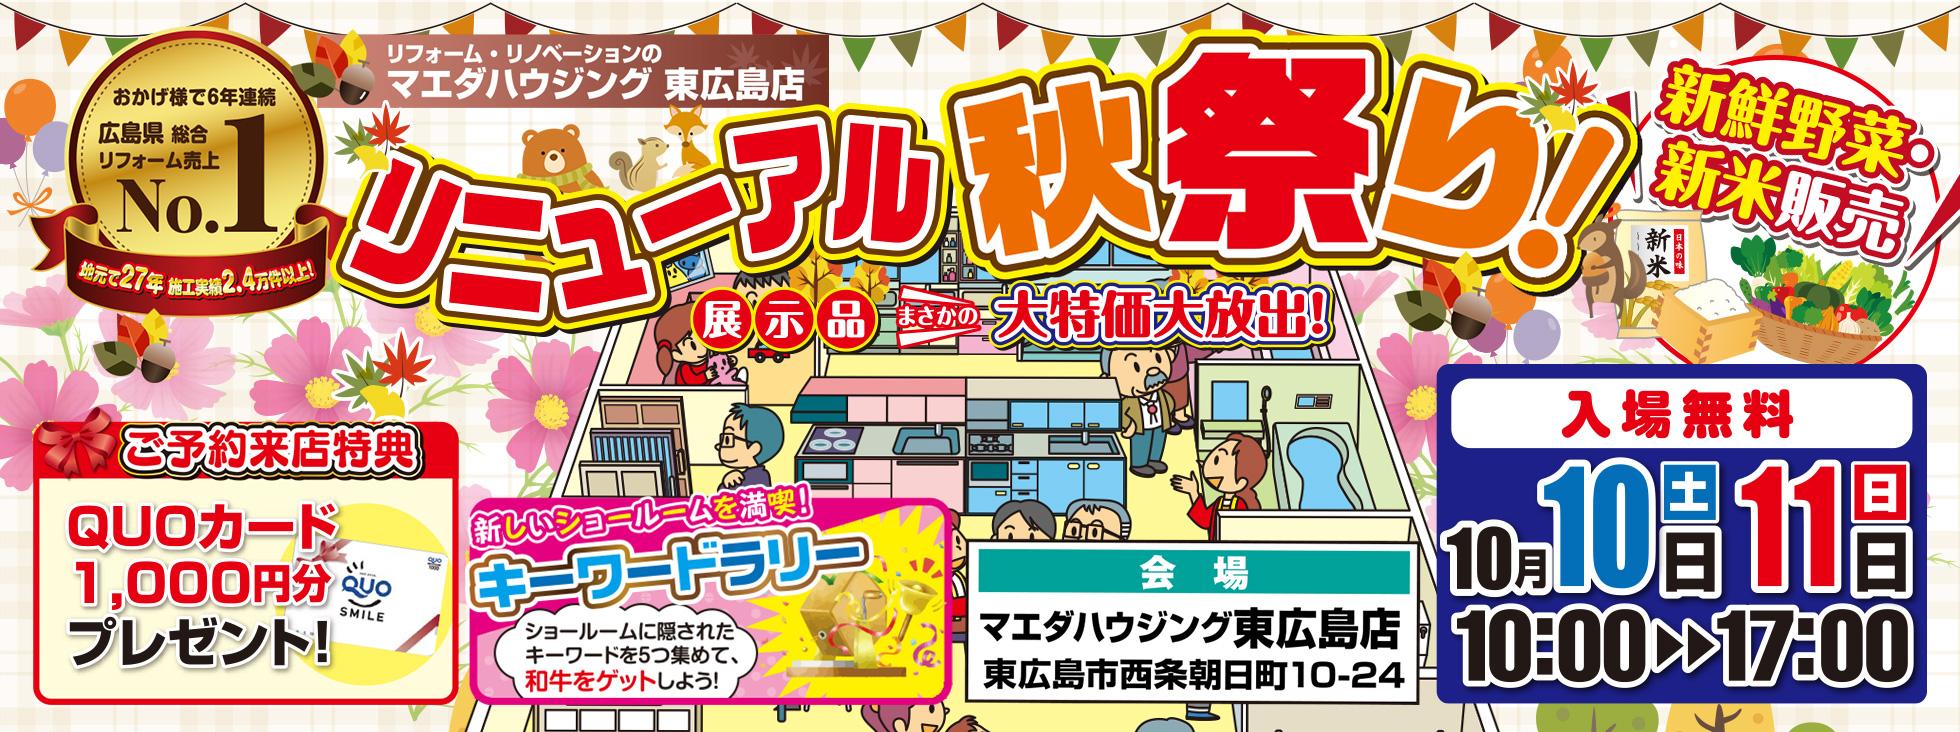 東広島店 リニューアル記念 秋祭り開催!